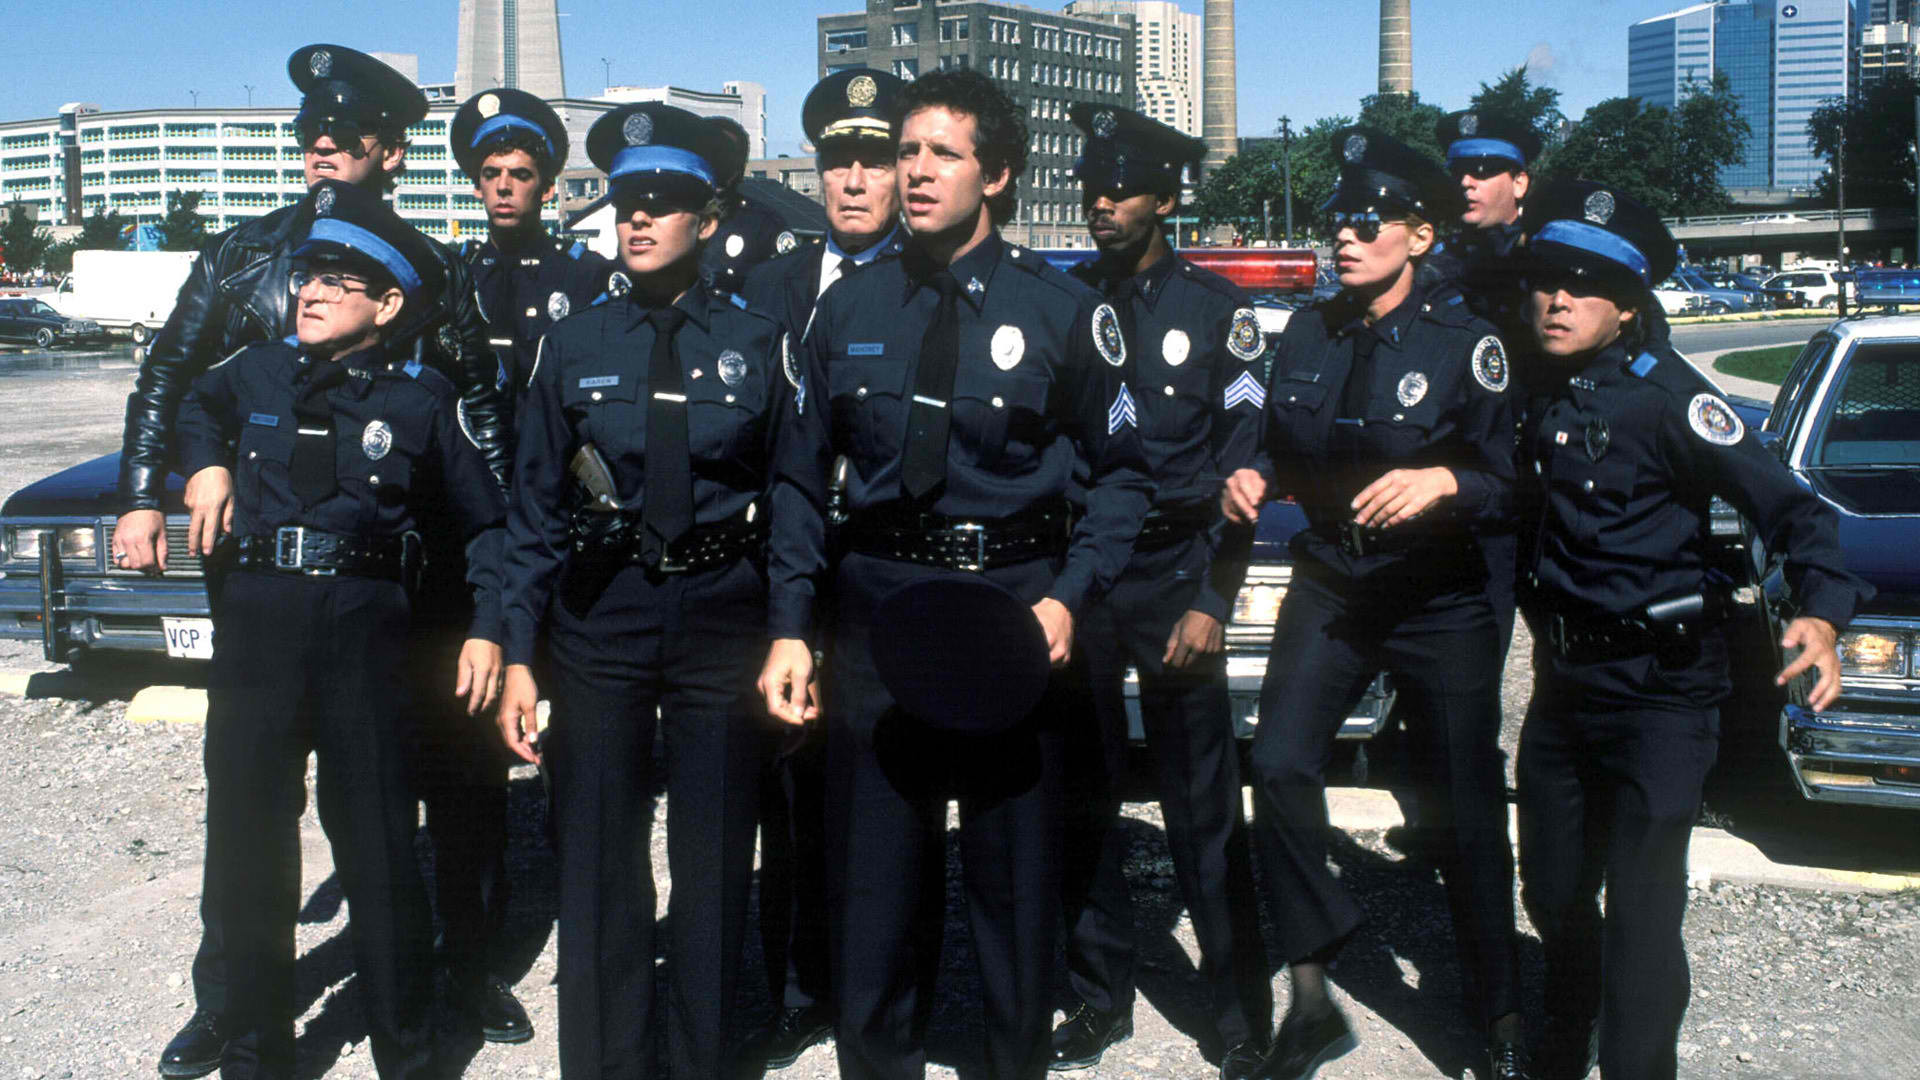 Картинки по запросу полицейское насилие картинки